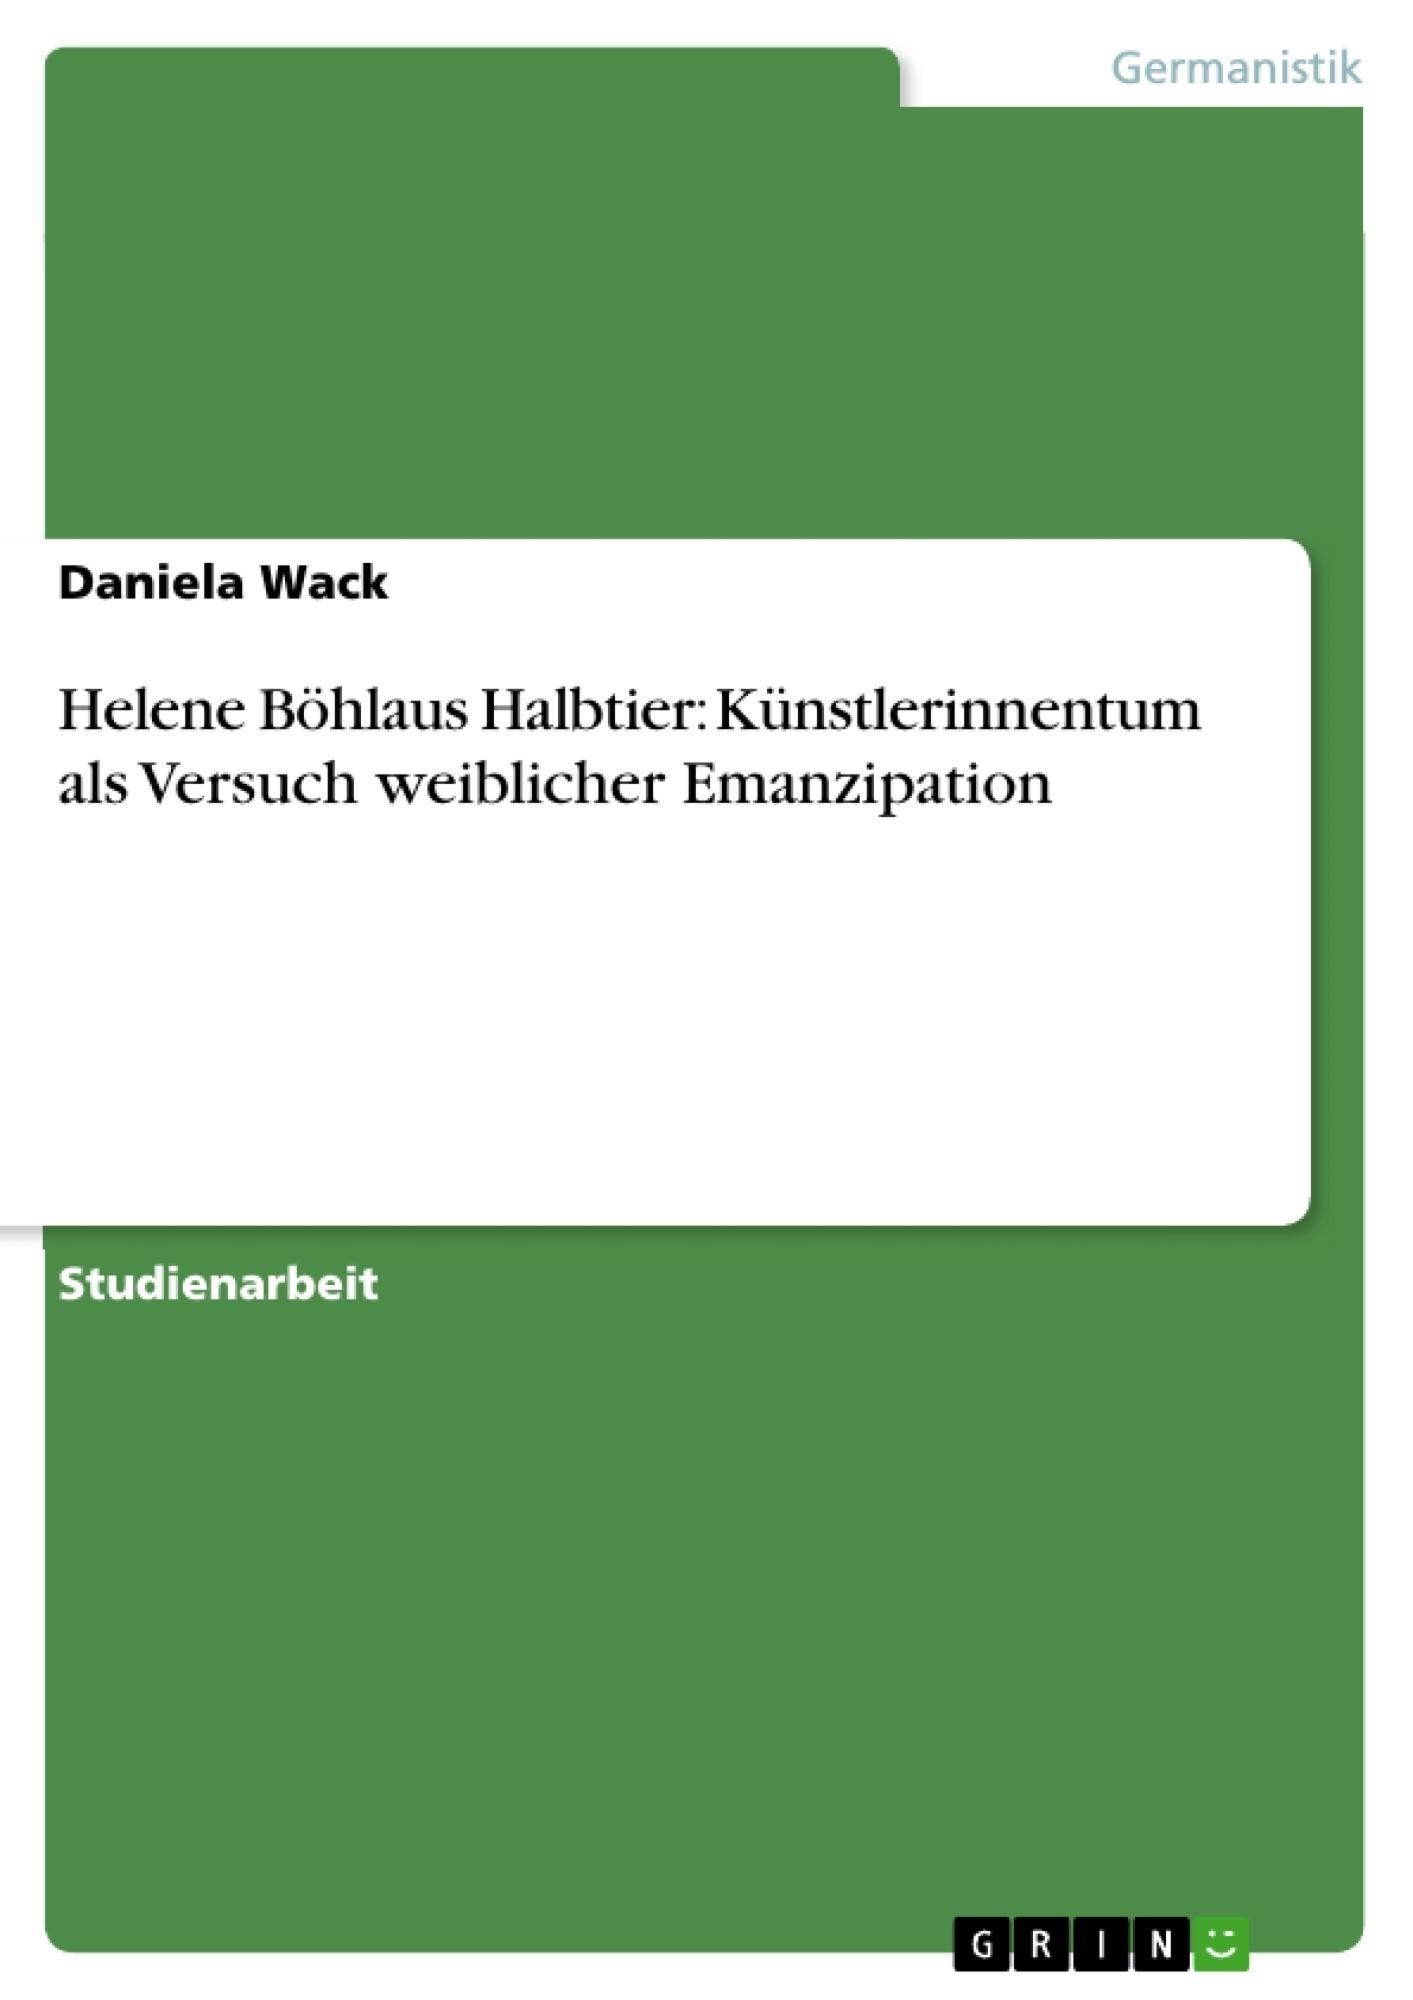 Titel: Helene Böhlaus Halbtier: Künstlerinnentum als Versuch weiblicher Emanzipation